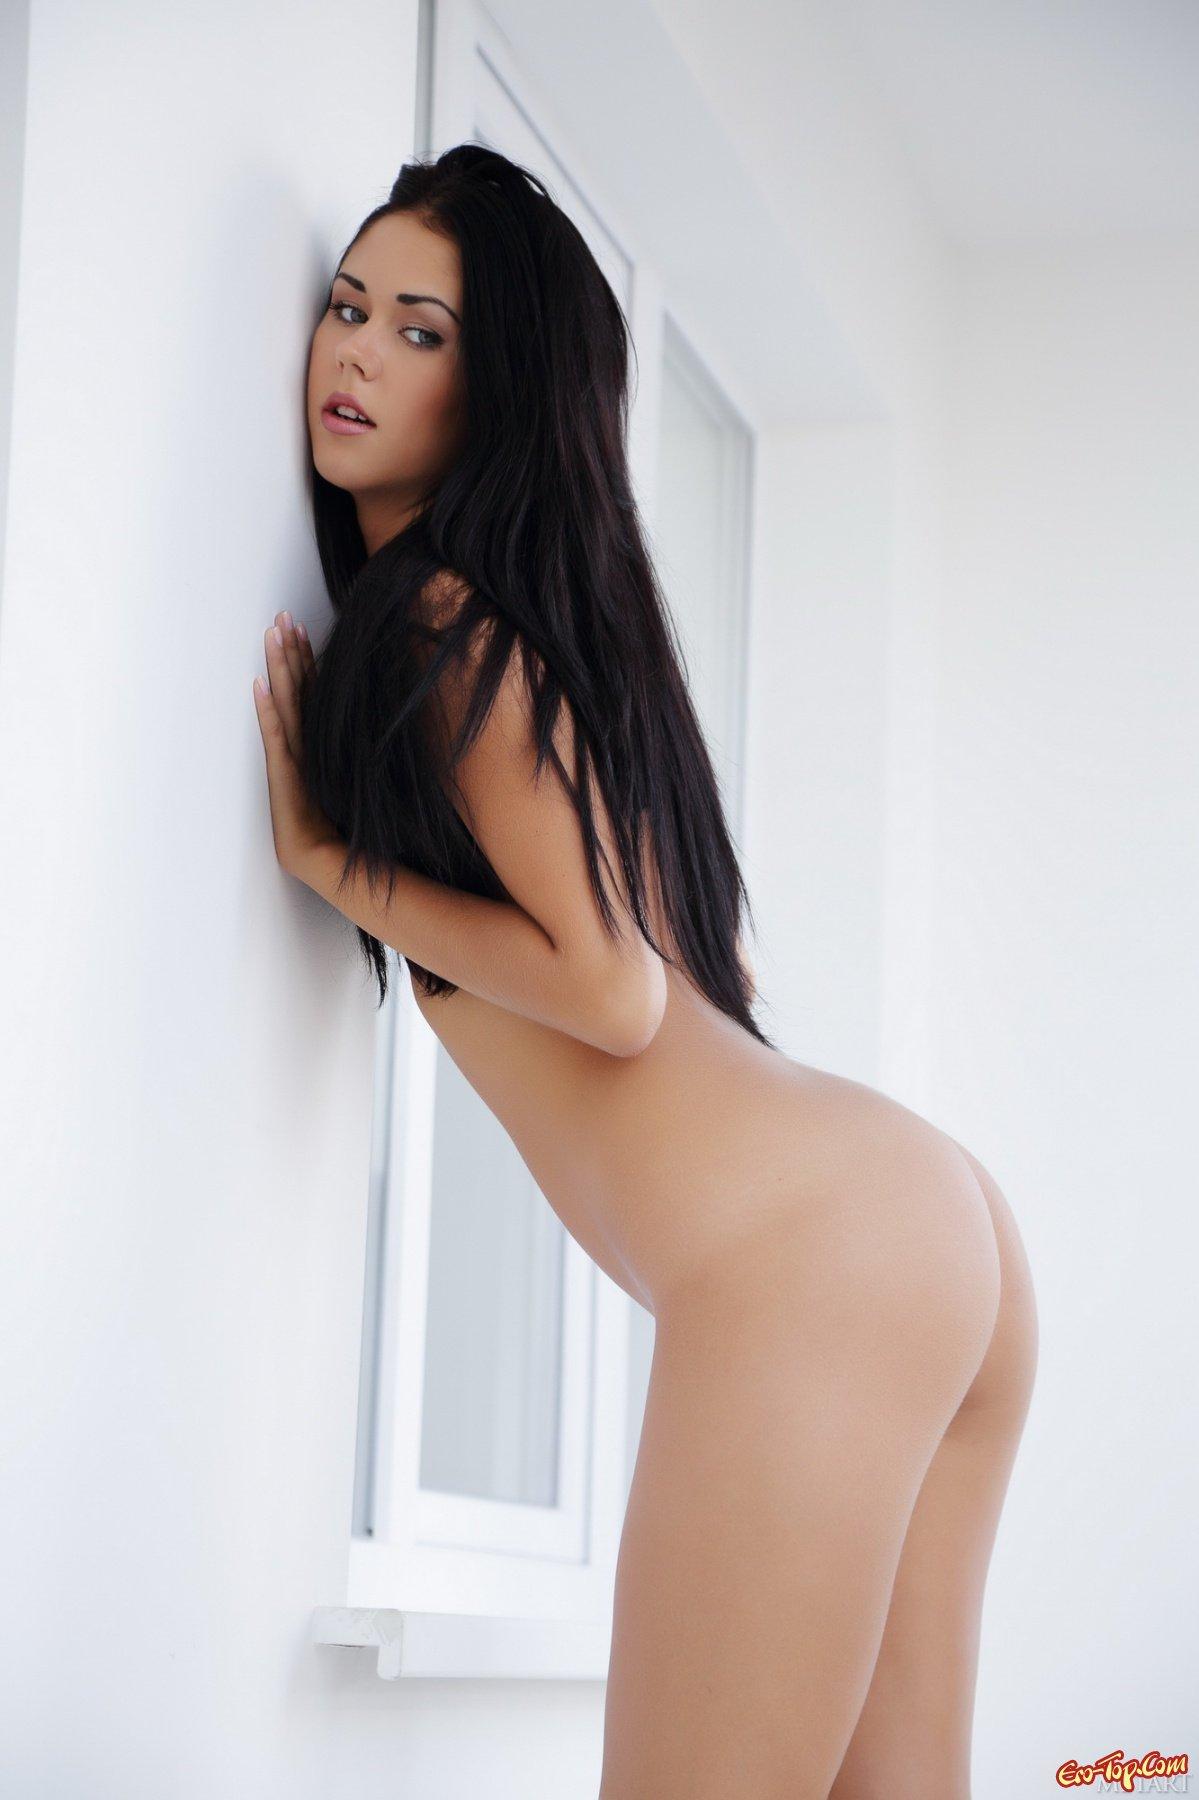 Очень сексуальная брюнетка секс фото